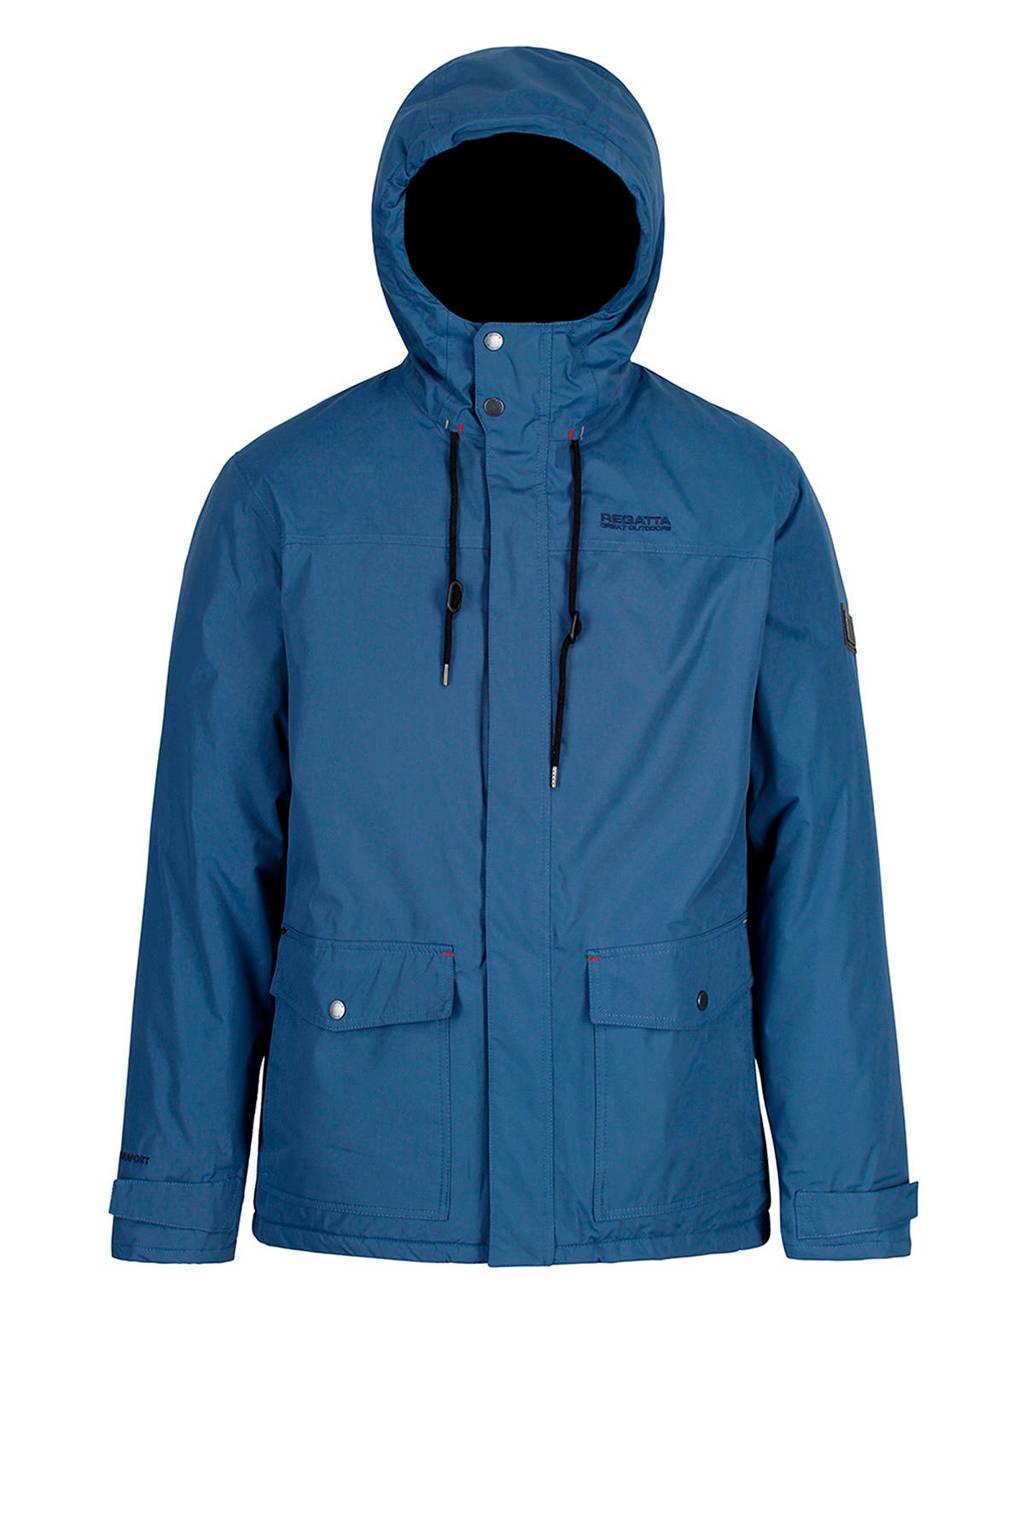 Regatta outdoor jas Syrus blauw, Dark denim